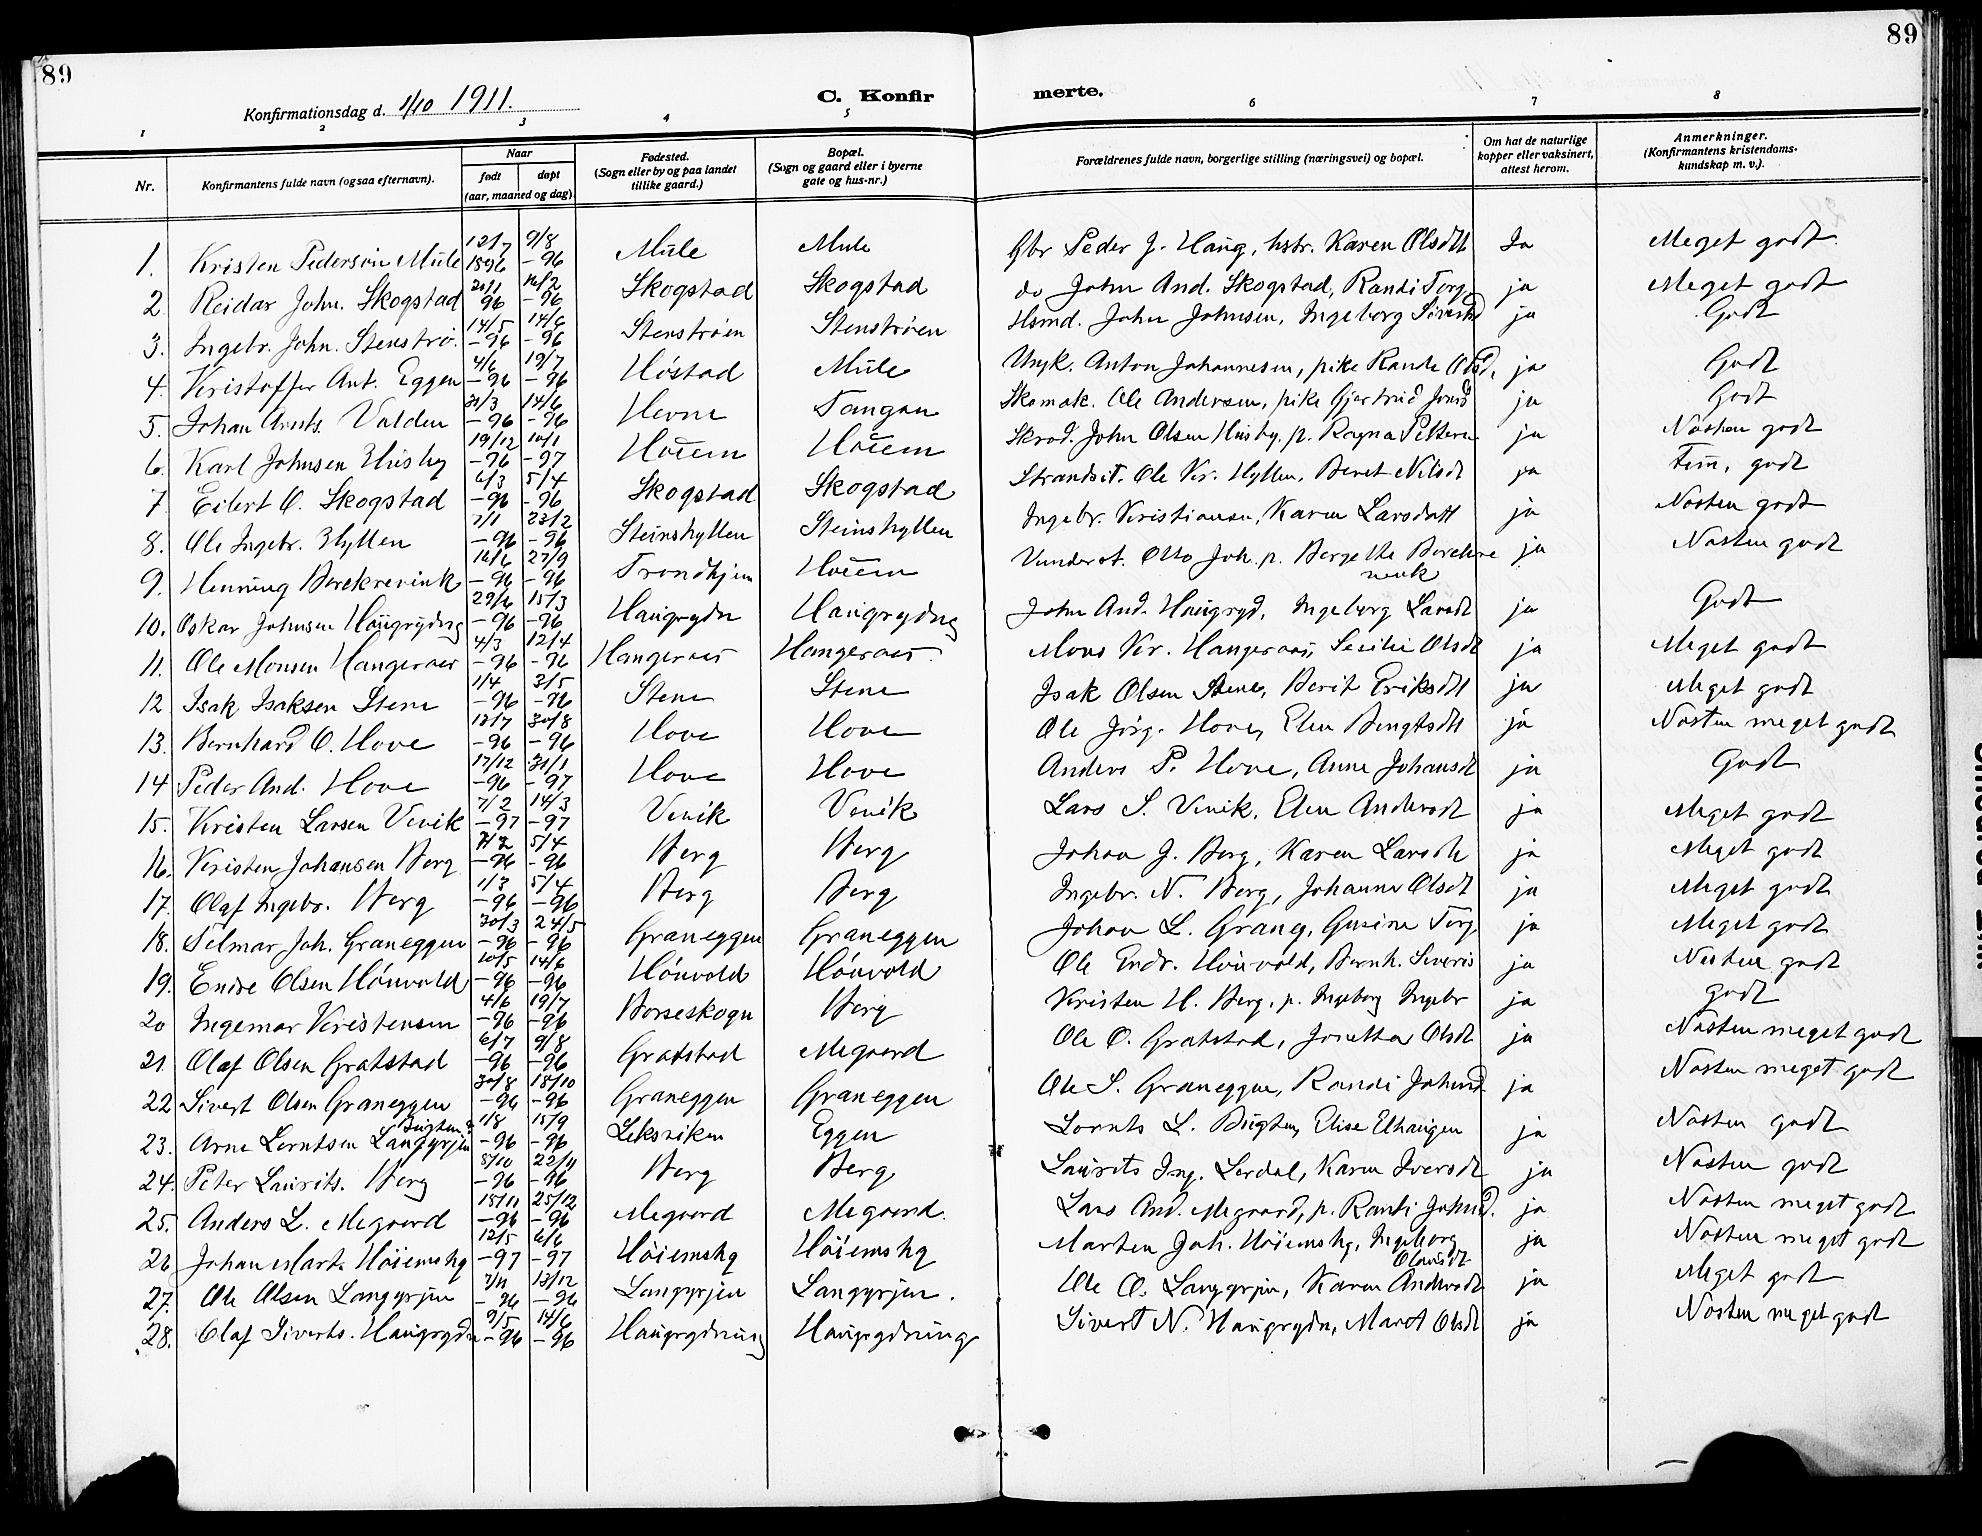 SAT, Ministerialprotokoller, klokkerbøker og fødselsregistre - Sør-Trøndelag, 612/L0388: Klokkerbok nr. 612C04, 1909-1929, s. 89